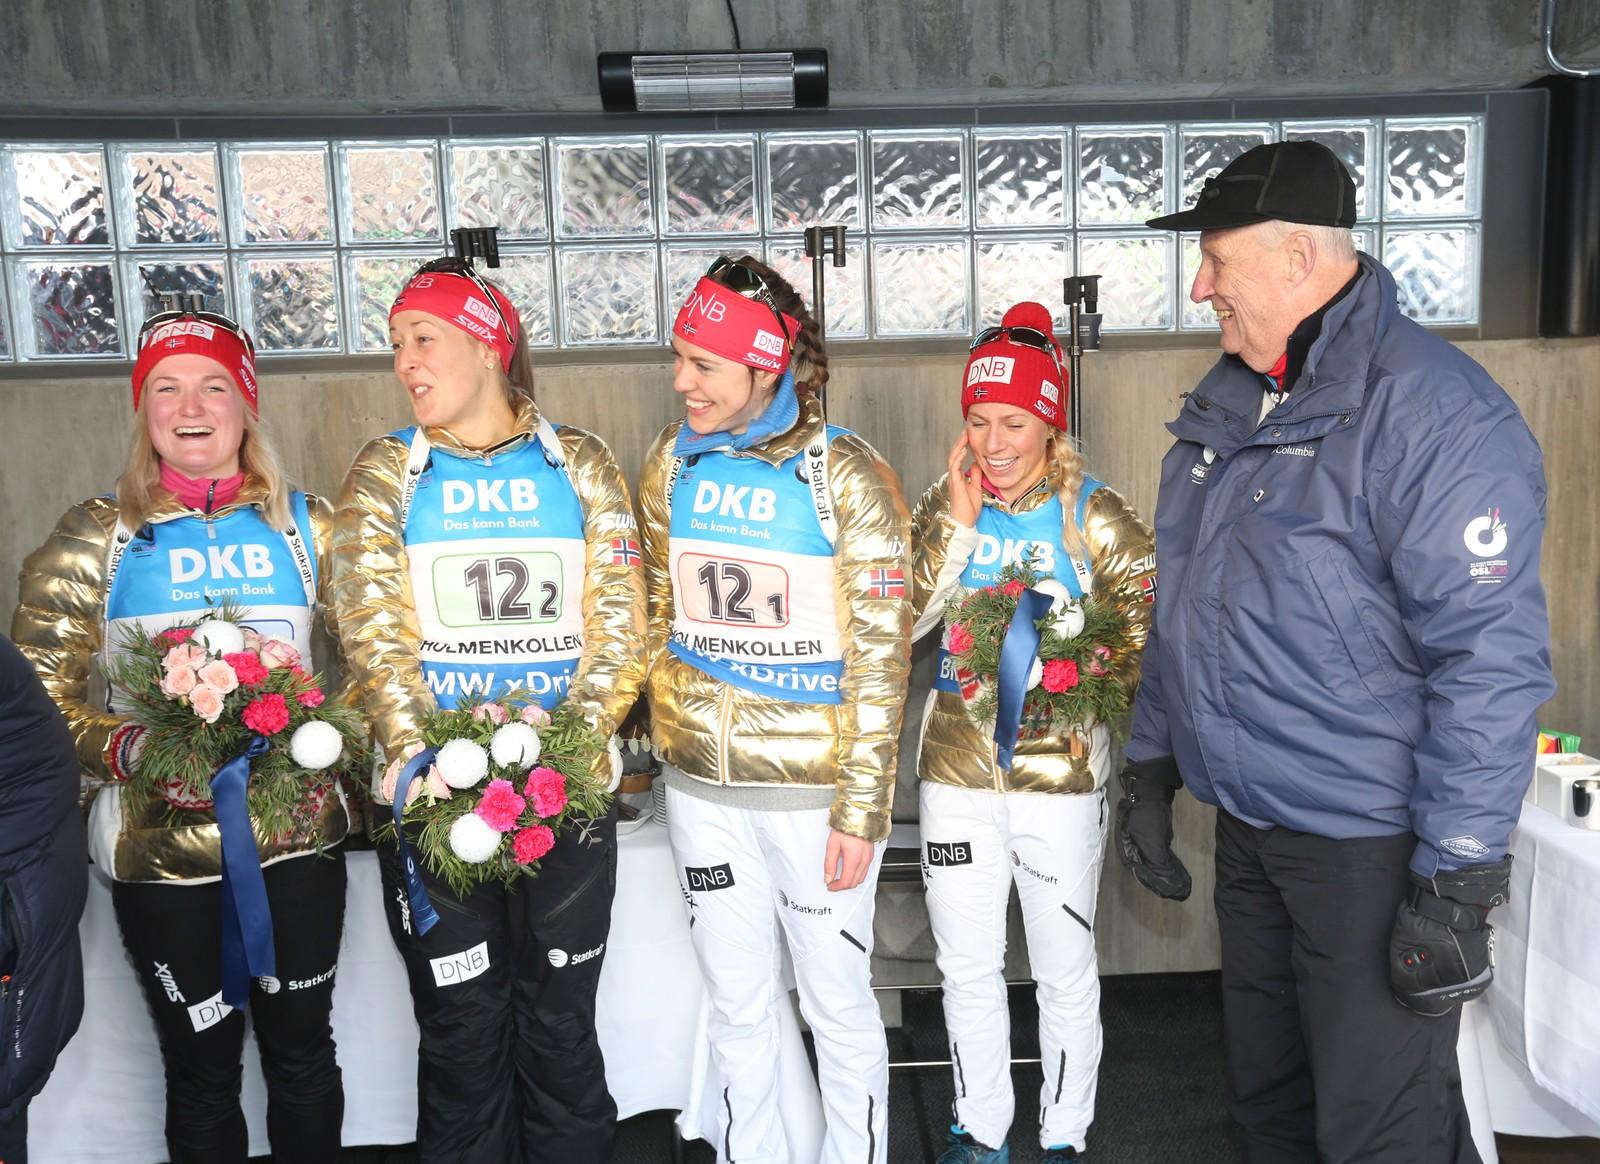 Stafett kvinner VM i skiskyting i Holmenkollen fredag. Kong Harald hilser på gullljentene, fra v. Marte Olsbu, Fanny Horn Birkeland, Synnøve Solemdal og Tiril Eckhoff.